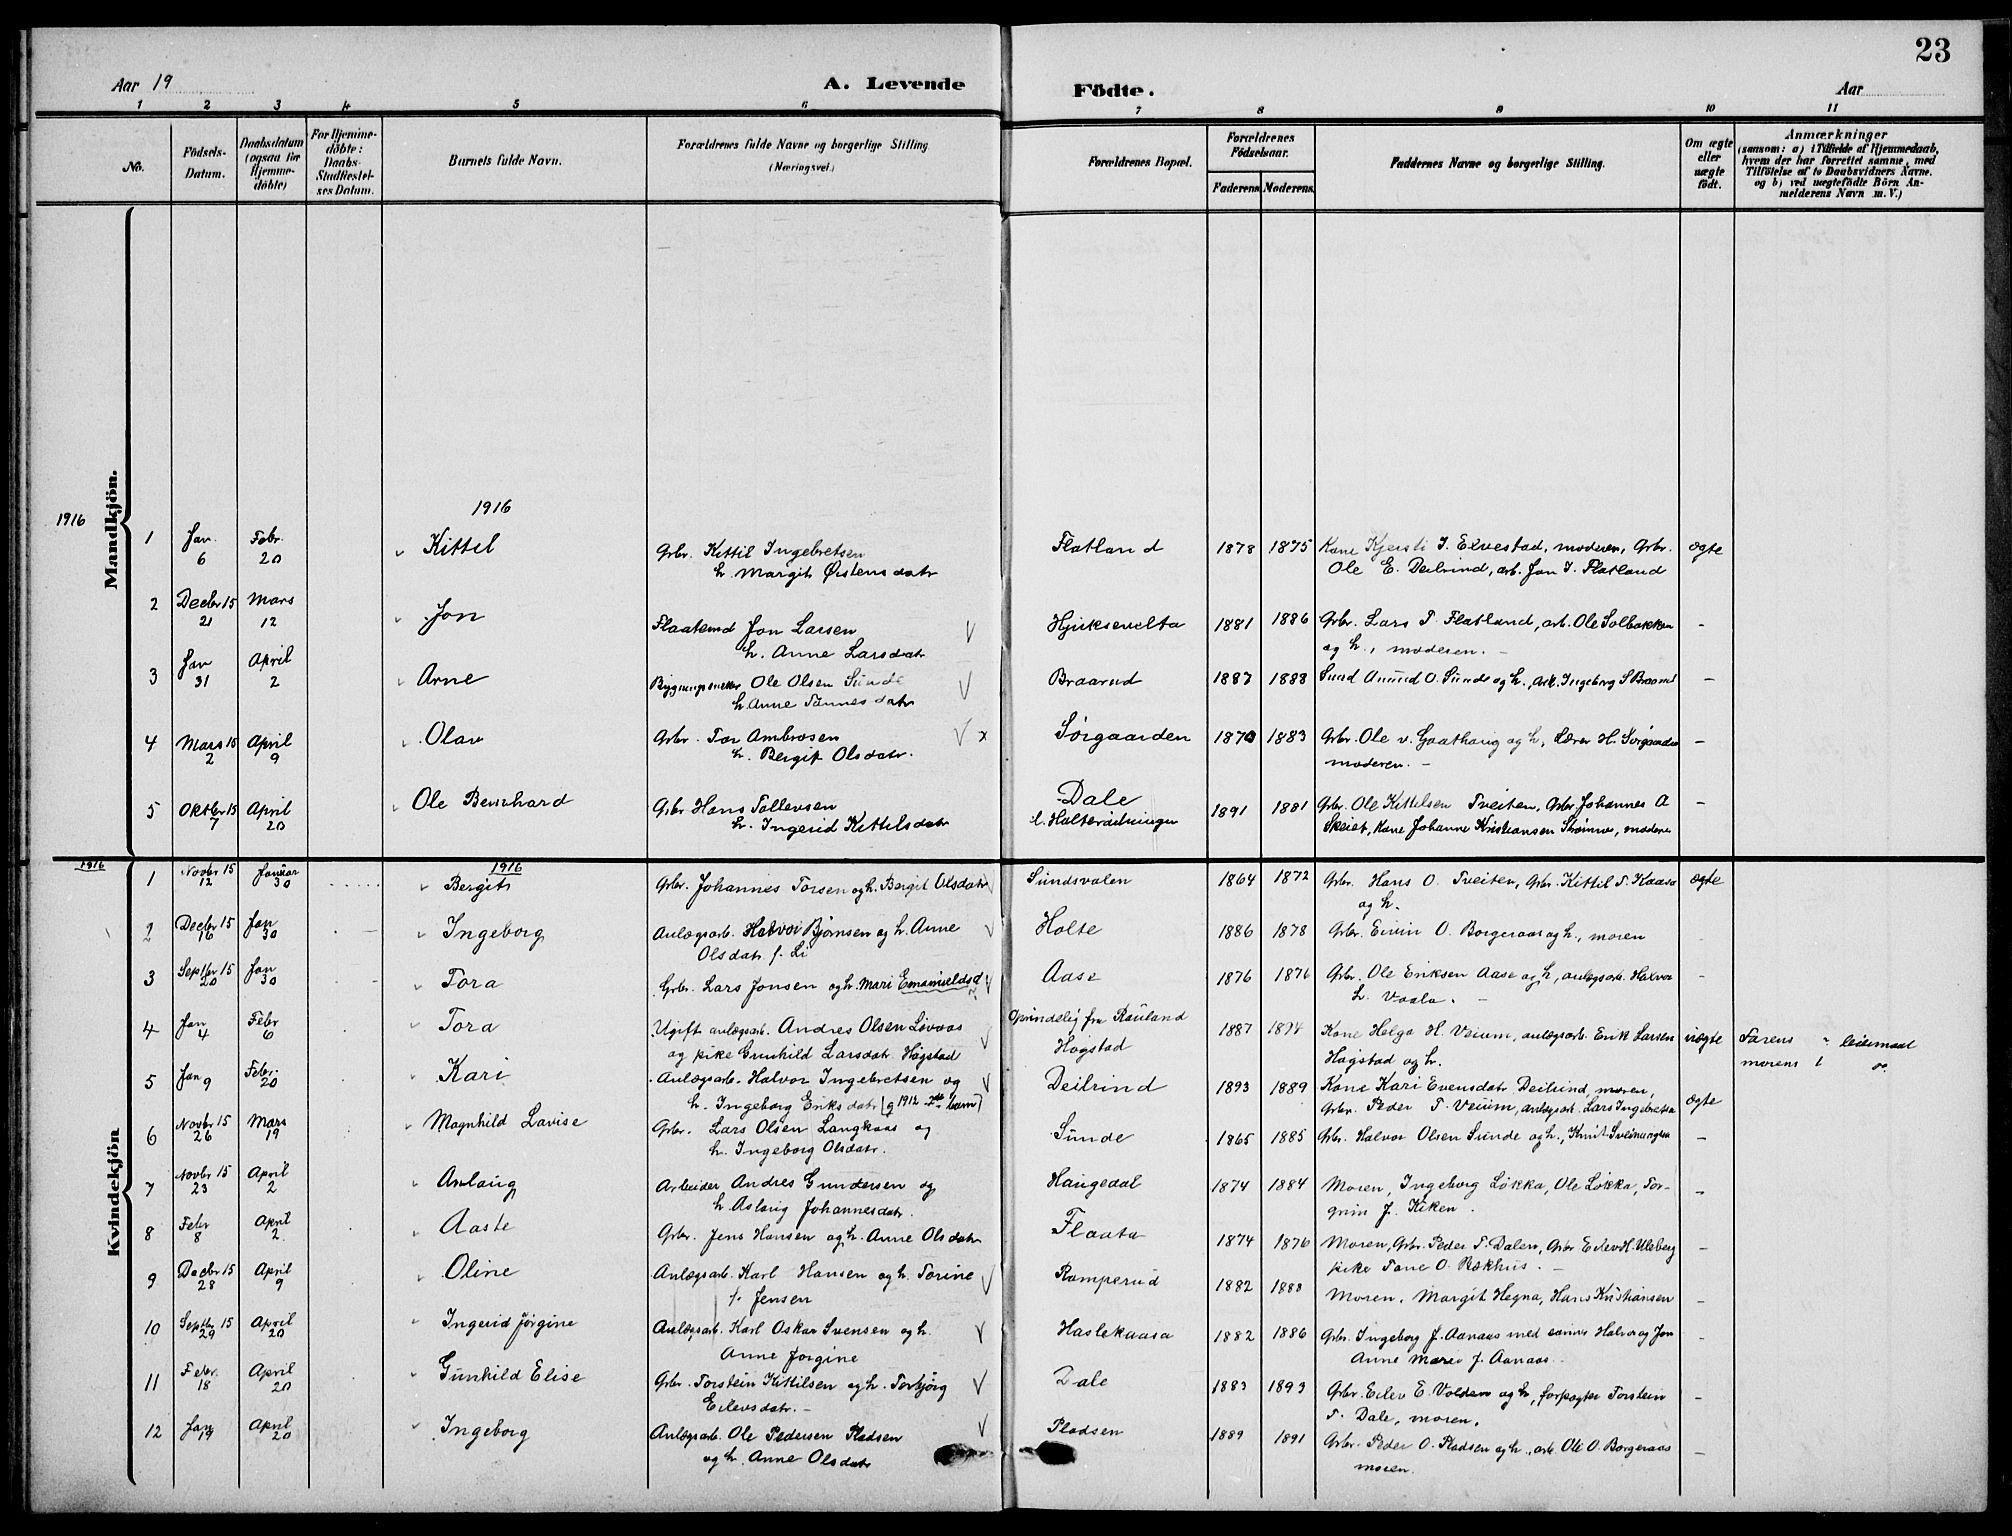 SAKO, Sauherad kirkebøker, G/Ga/L0004a: Klokkerbok nr. I 4, 1906-1934, s. 23